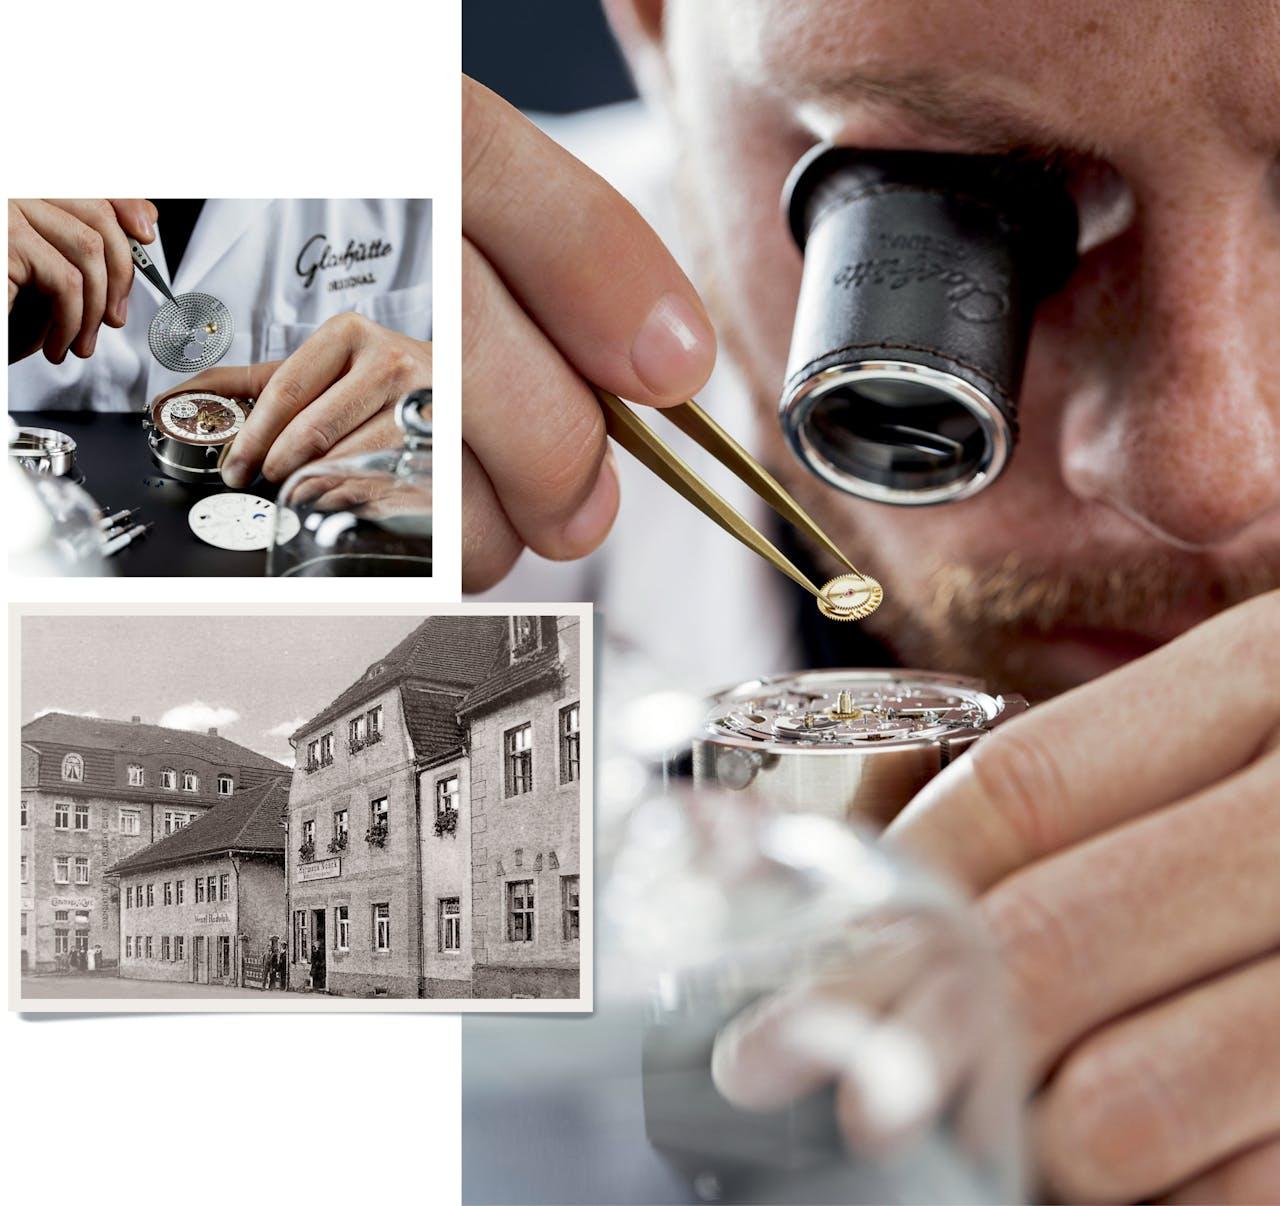 Hierboven: het oude pand van A. Lange & Söhne. Uiterst boven en rechts: een uurwerk maken is precisiewerk.